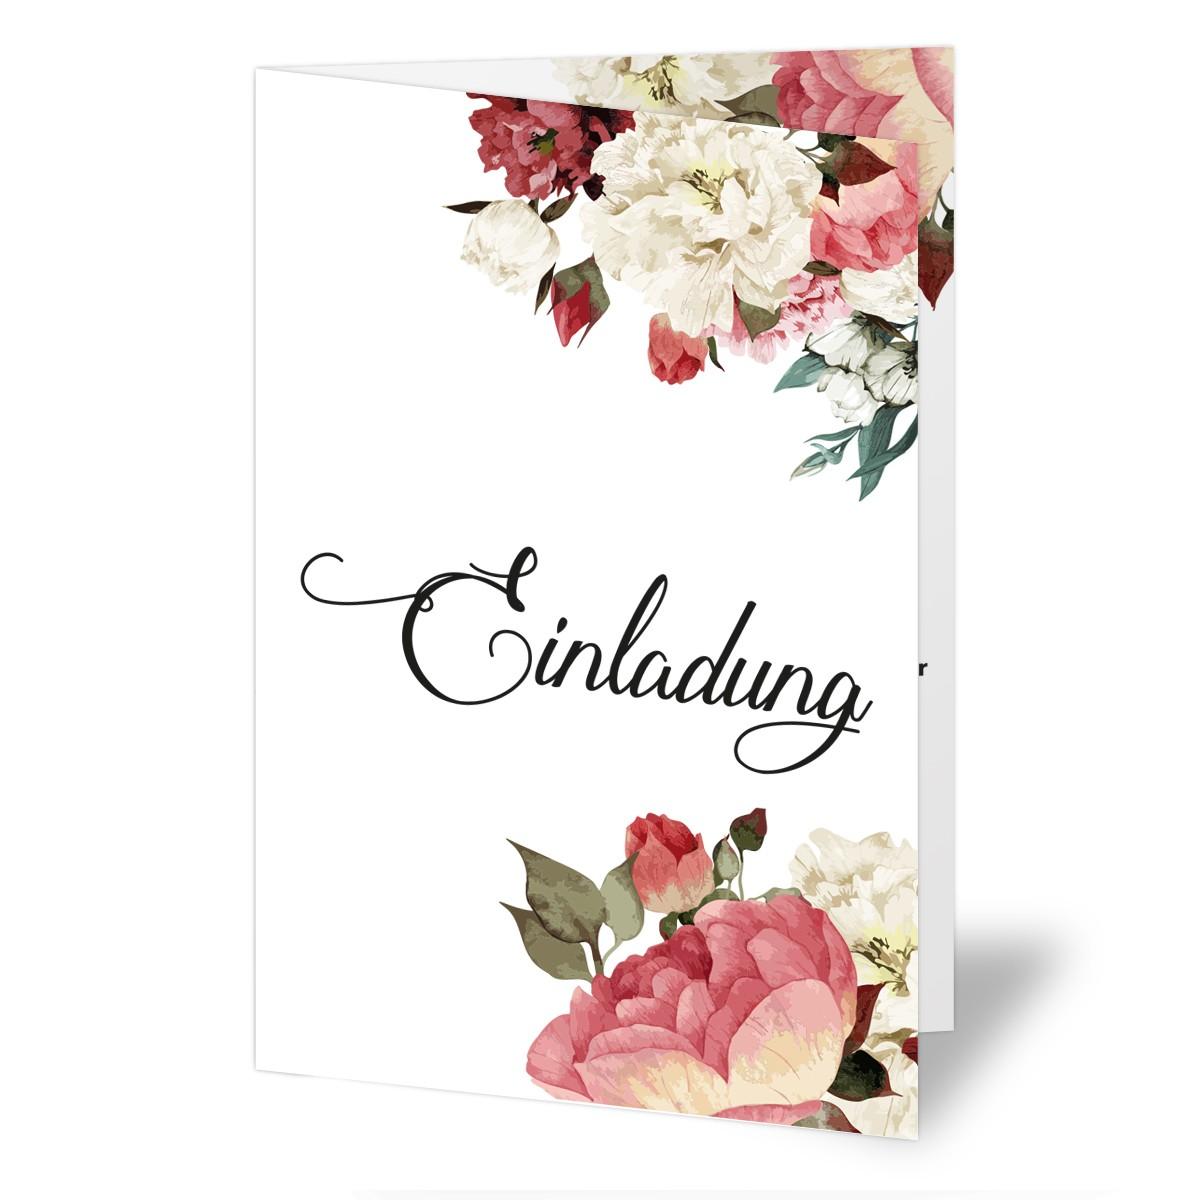 Hochzeitseinladungen mit Aquarell Blumenmotiv bestellen!